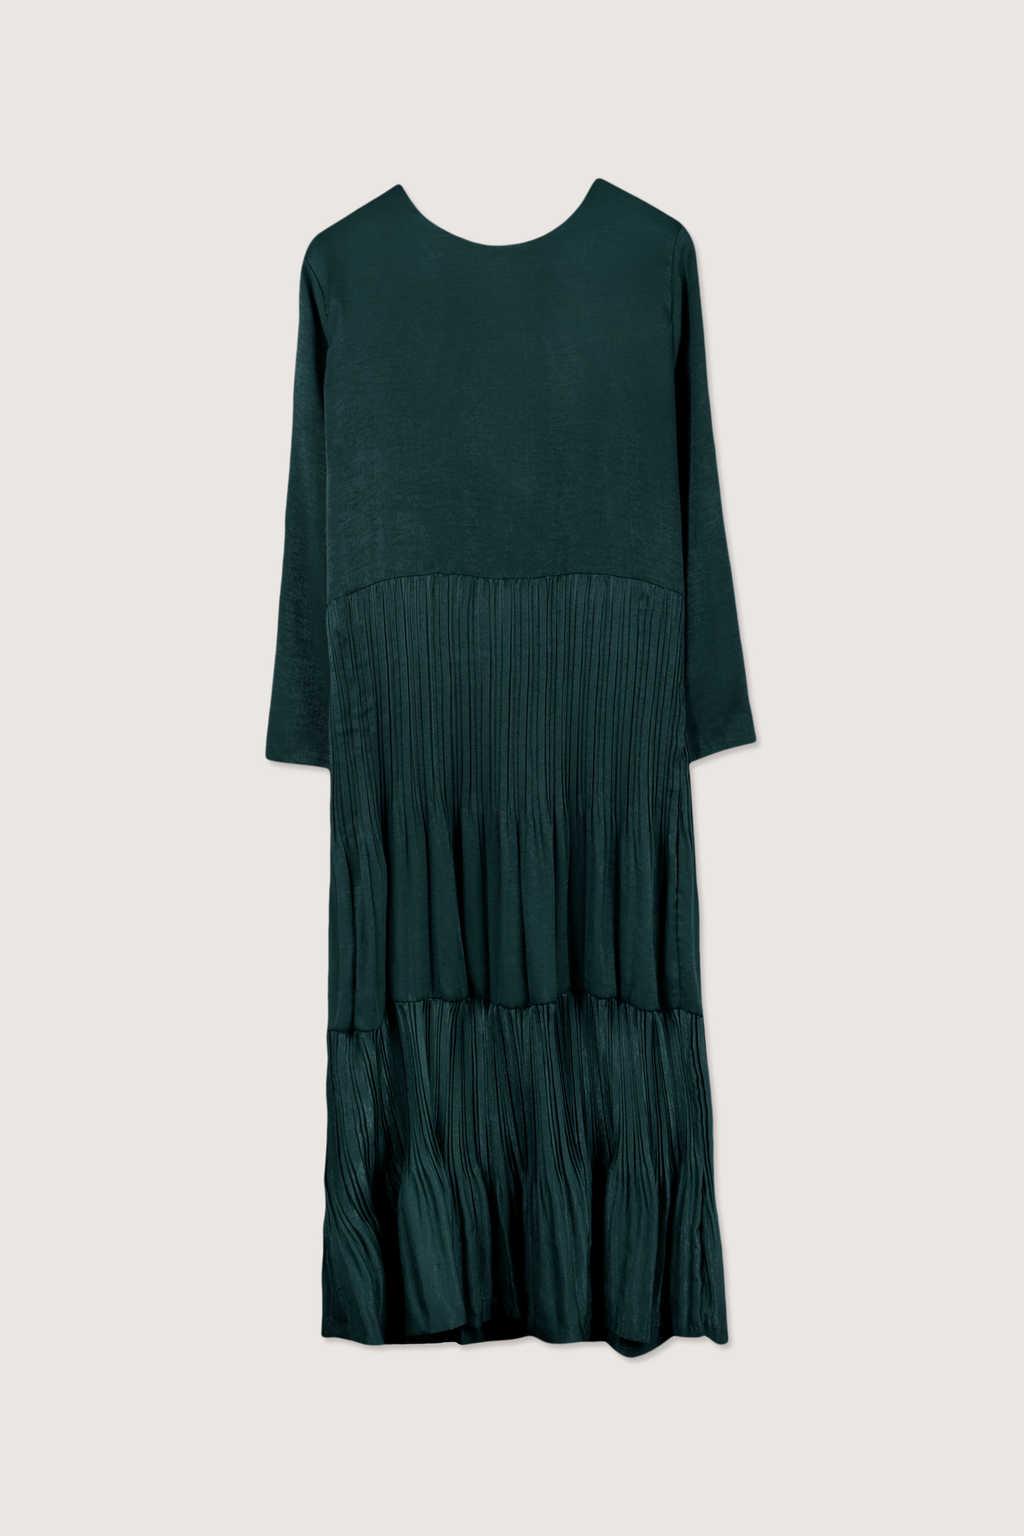 Dress H345 Green 12